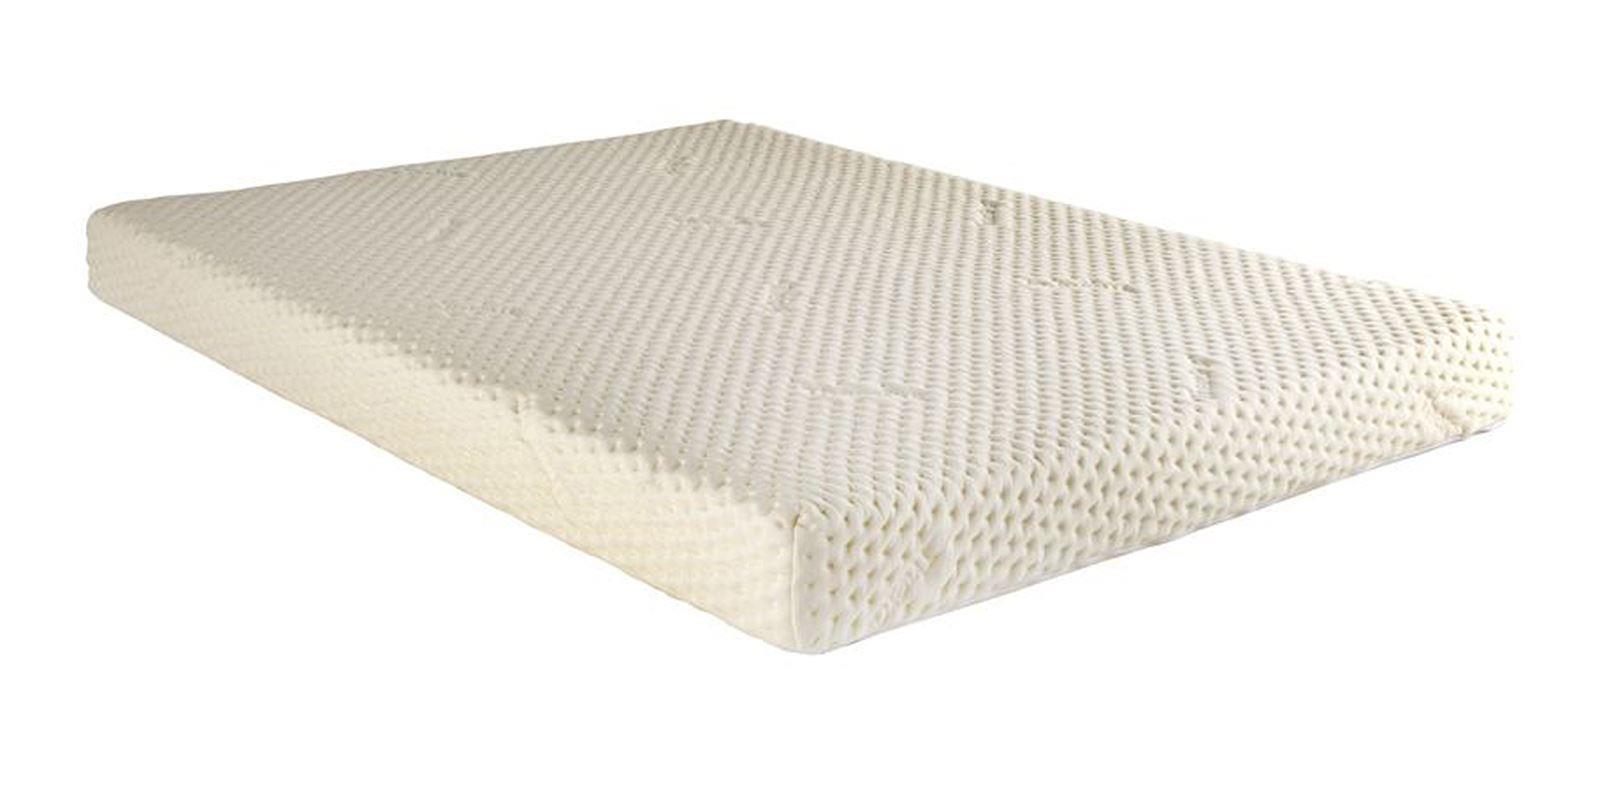 Memory Foam Mattress 5ft King Size [10 inch]